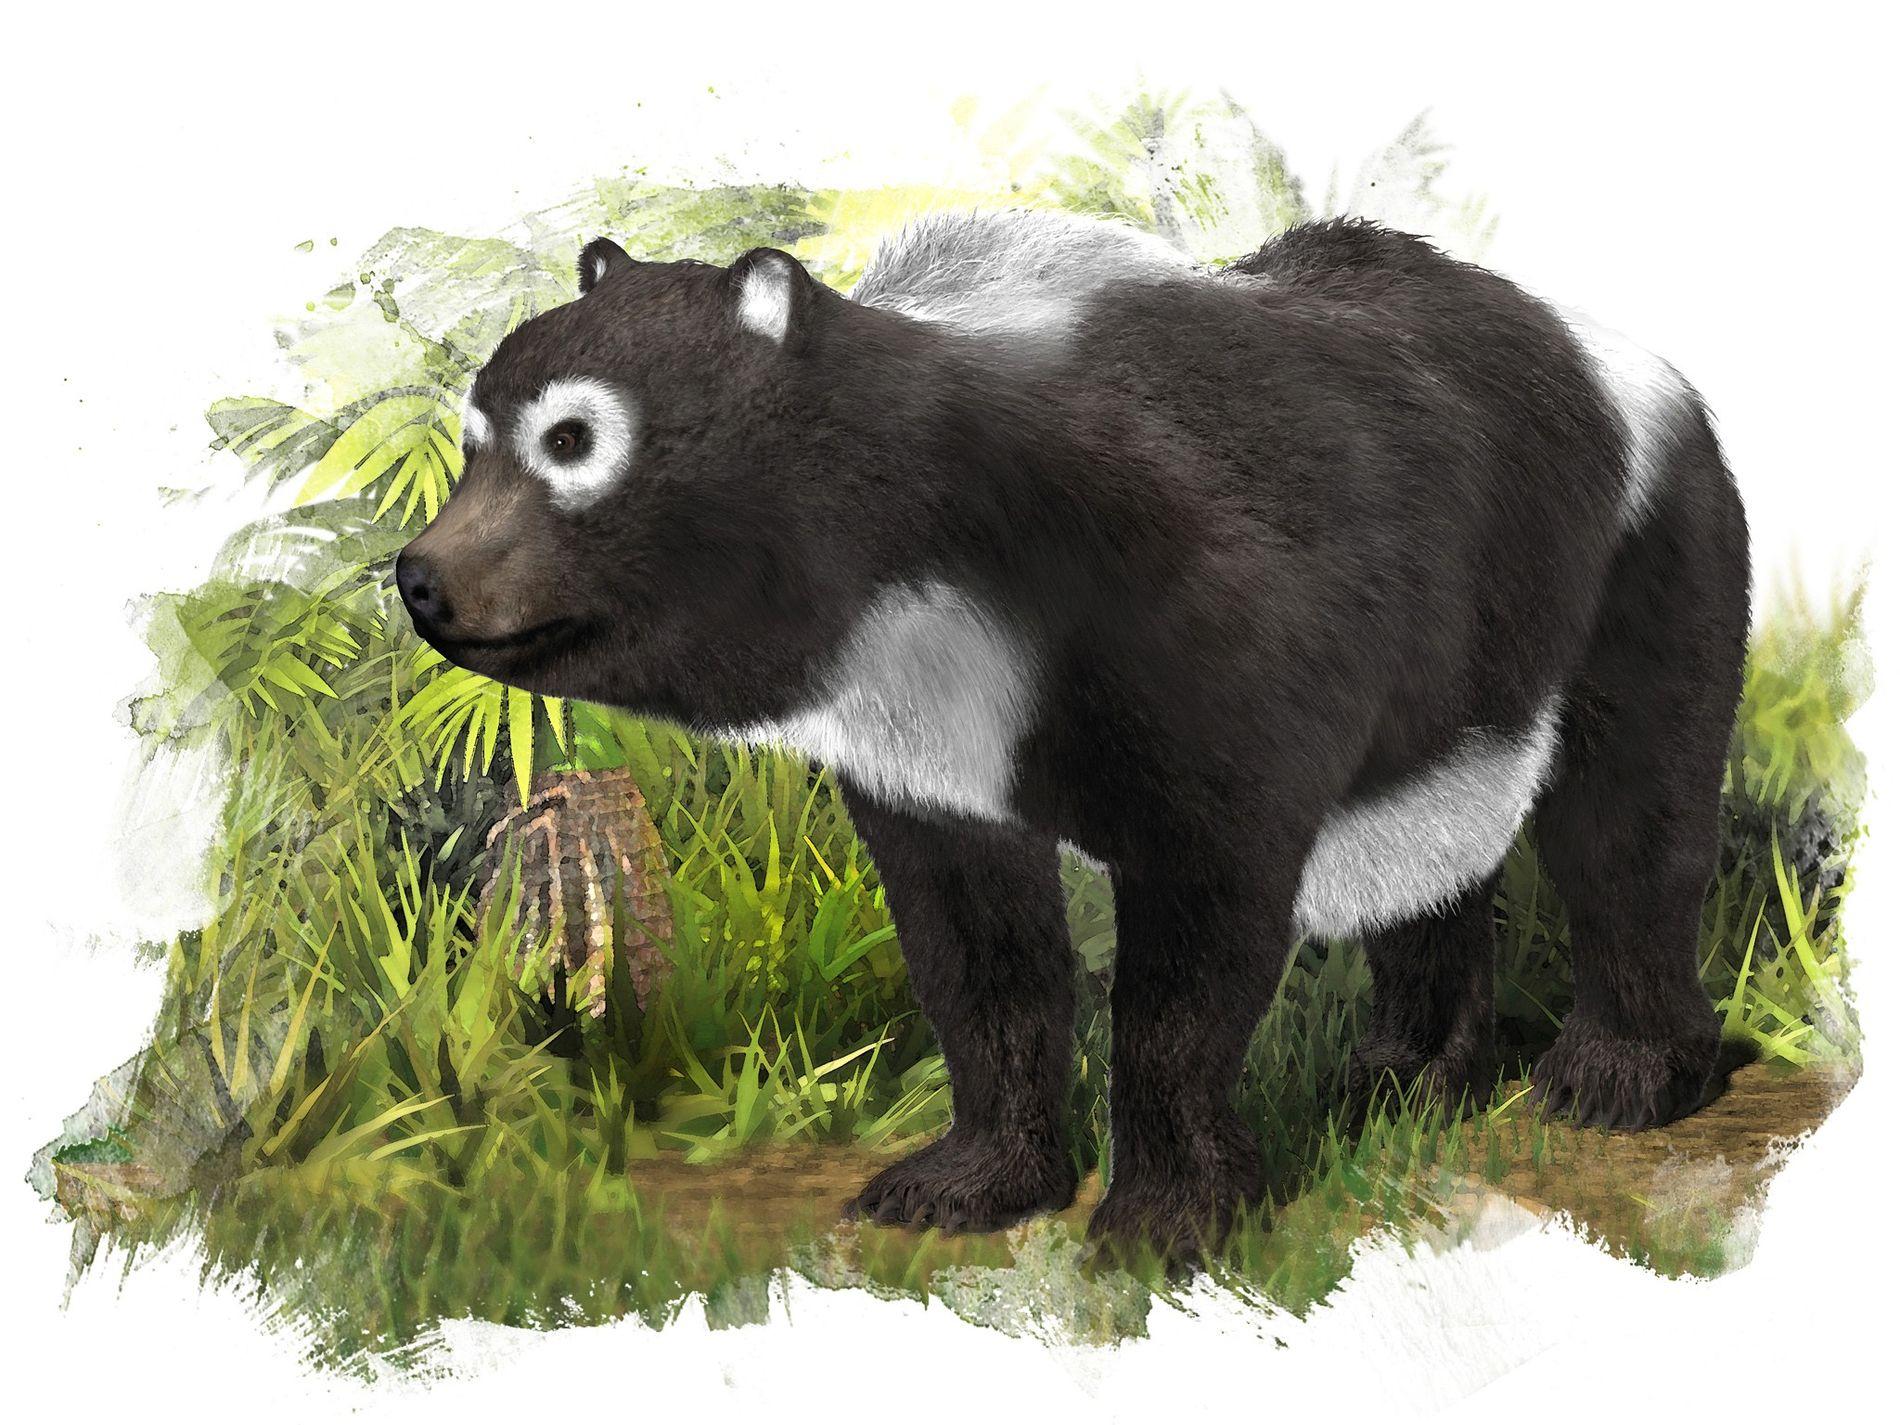 So könnte Kretzoiarctos beatrix ausgesehen haben, der vor elf Millionen Jahren im heutigen Spanien lebte.